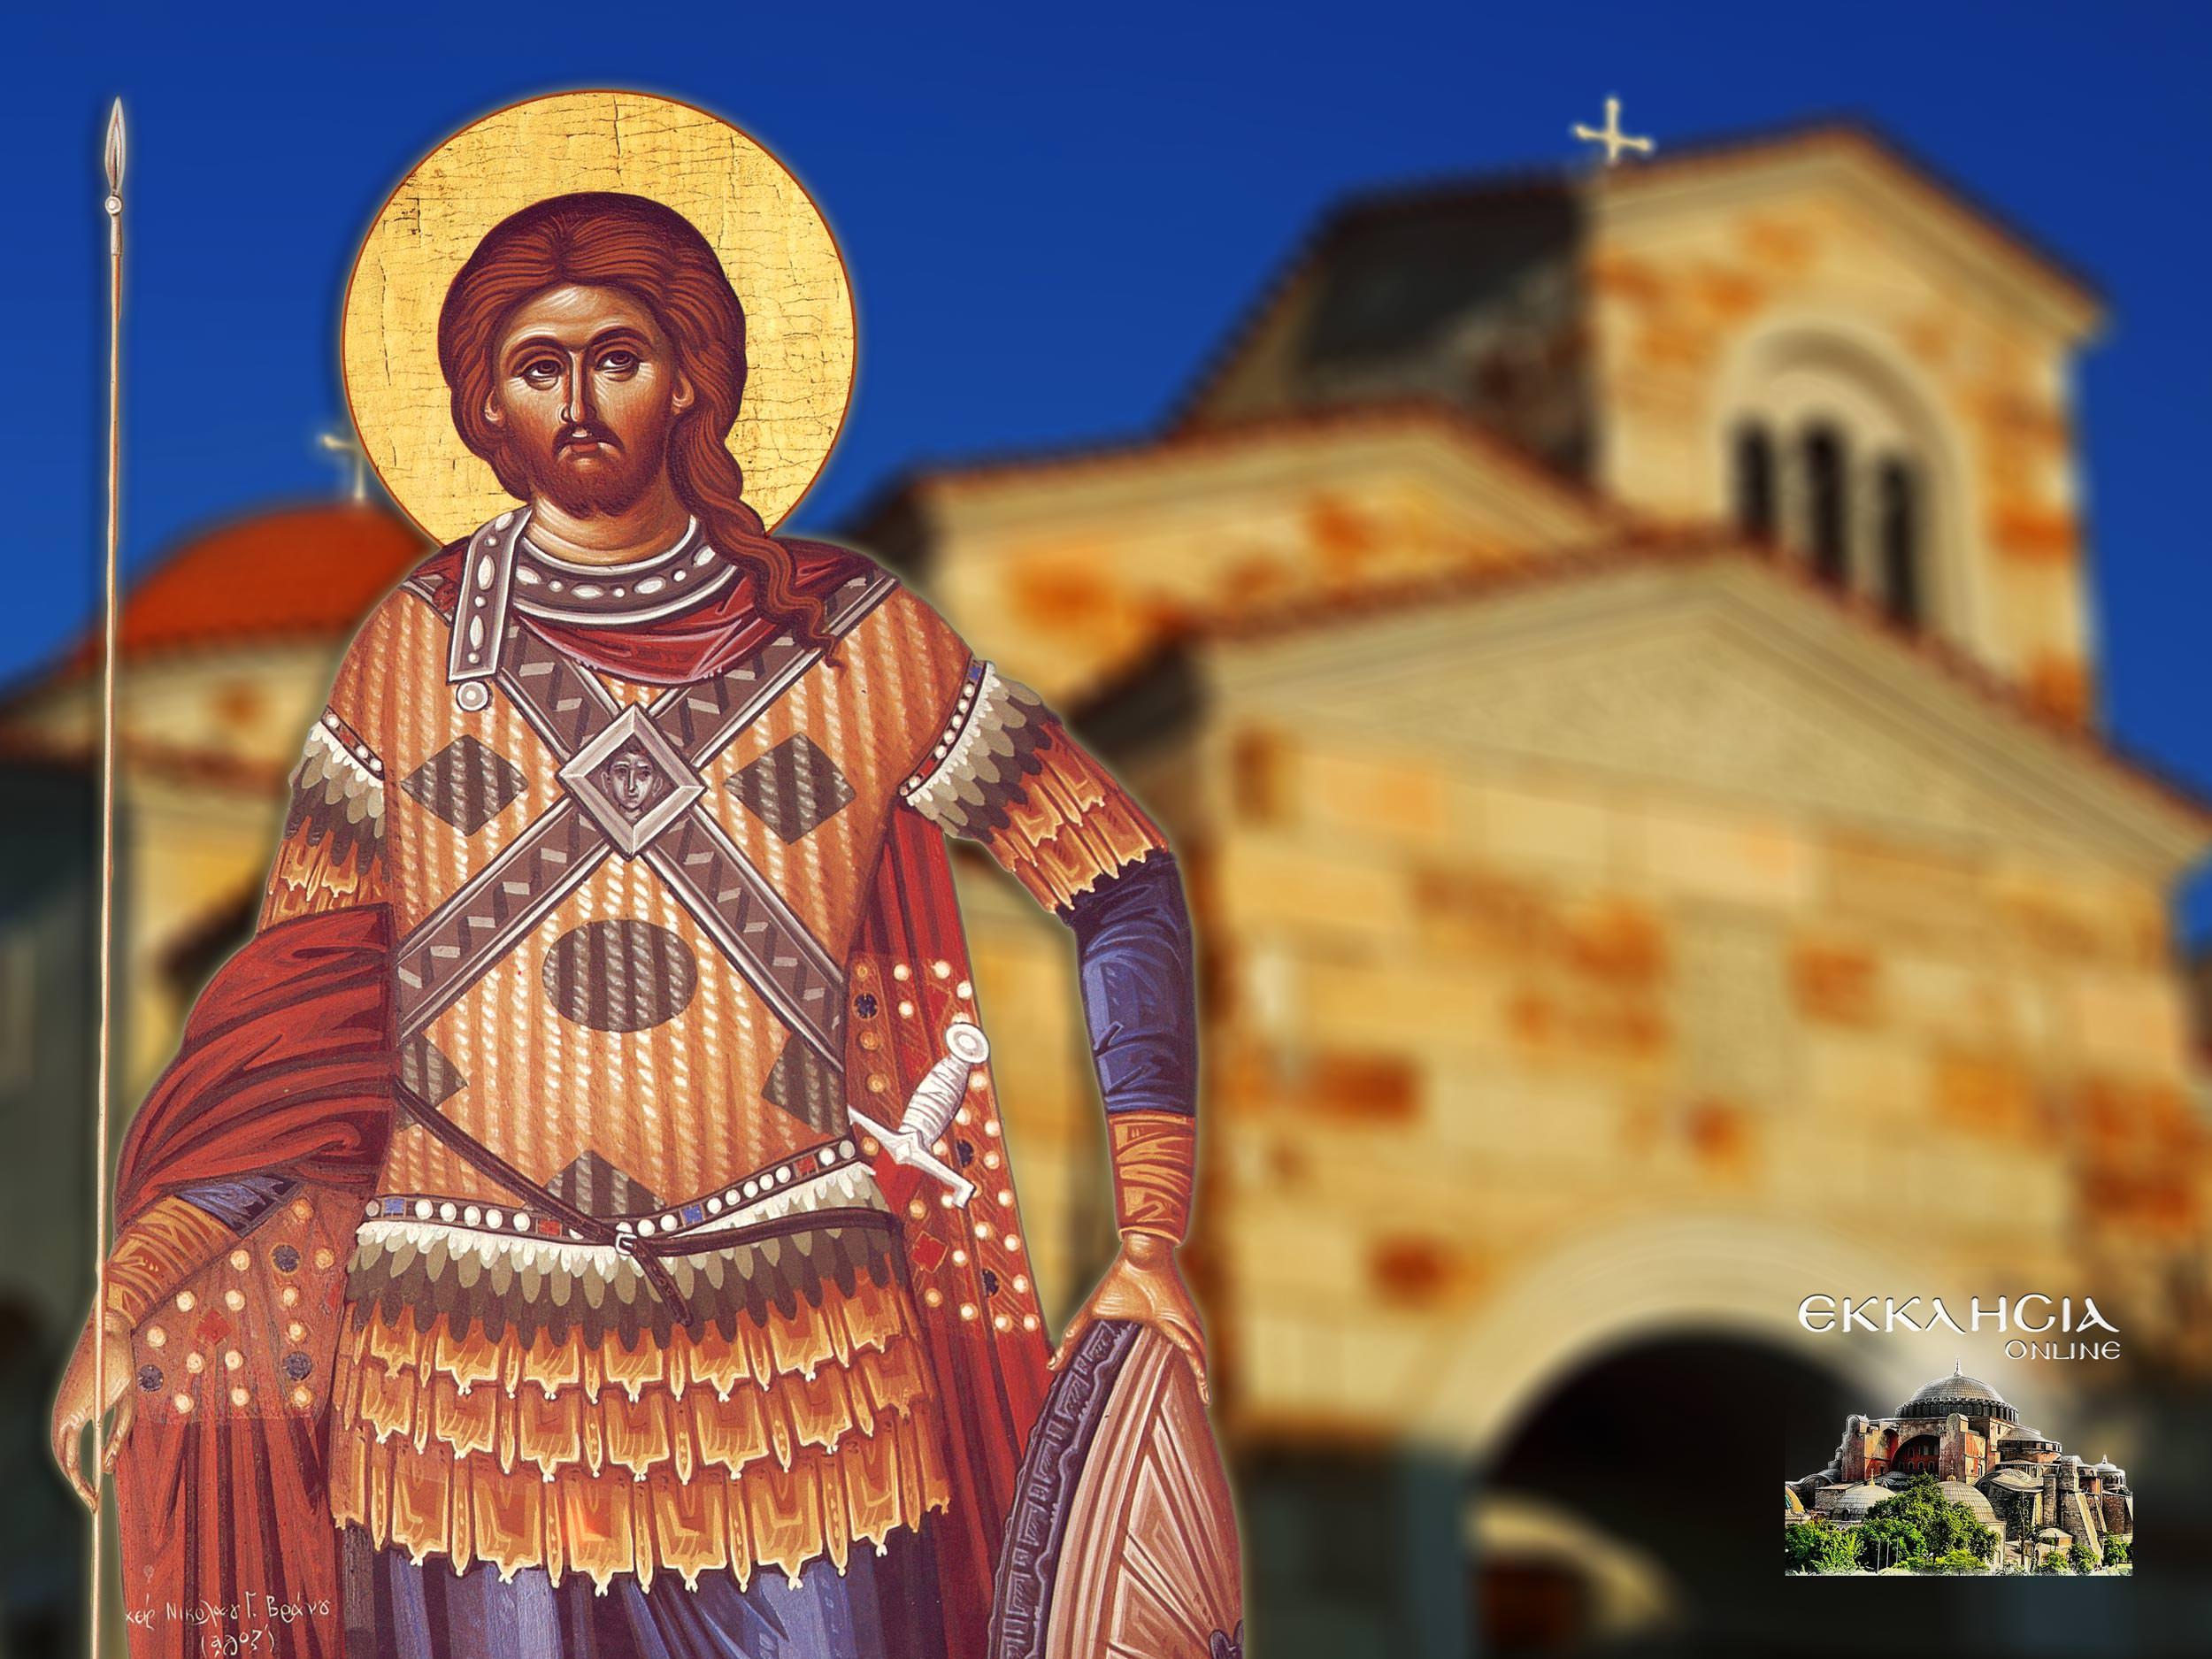 Άγιος Αρτέμιος ο Μεγαλομάρτυρας 20 Οκτωβρίου